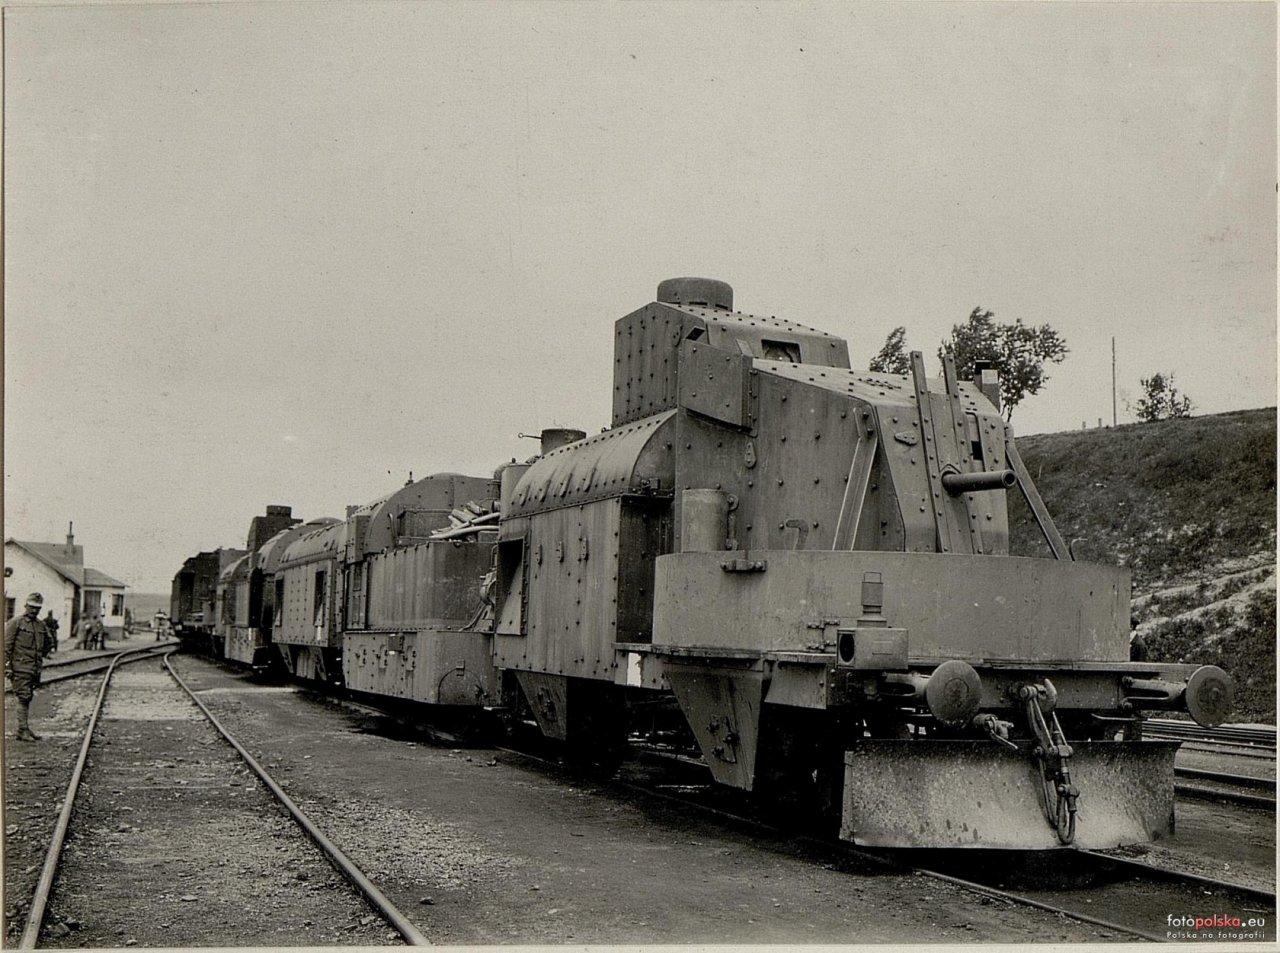 Lata 1914-1918 , Zborów - pociąg pancerny na stacji kolejowej. 2.jpg